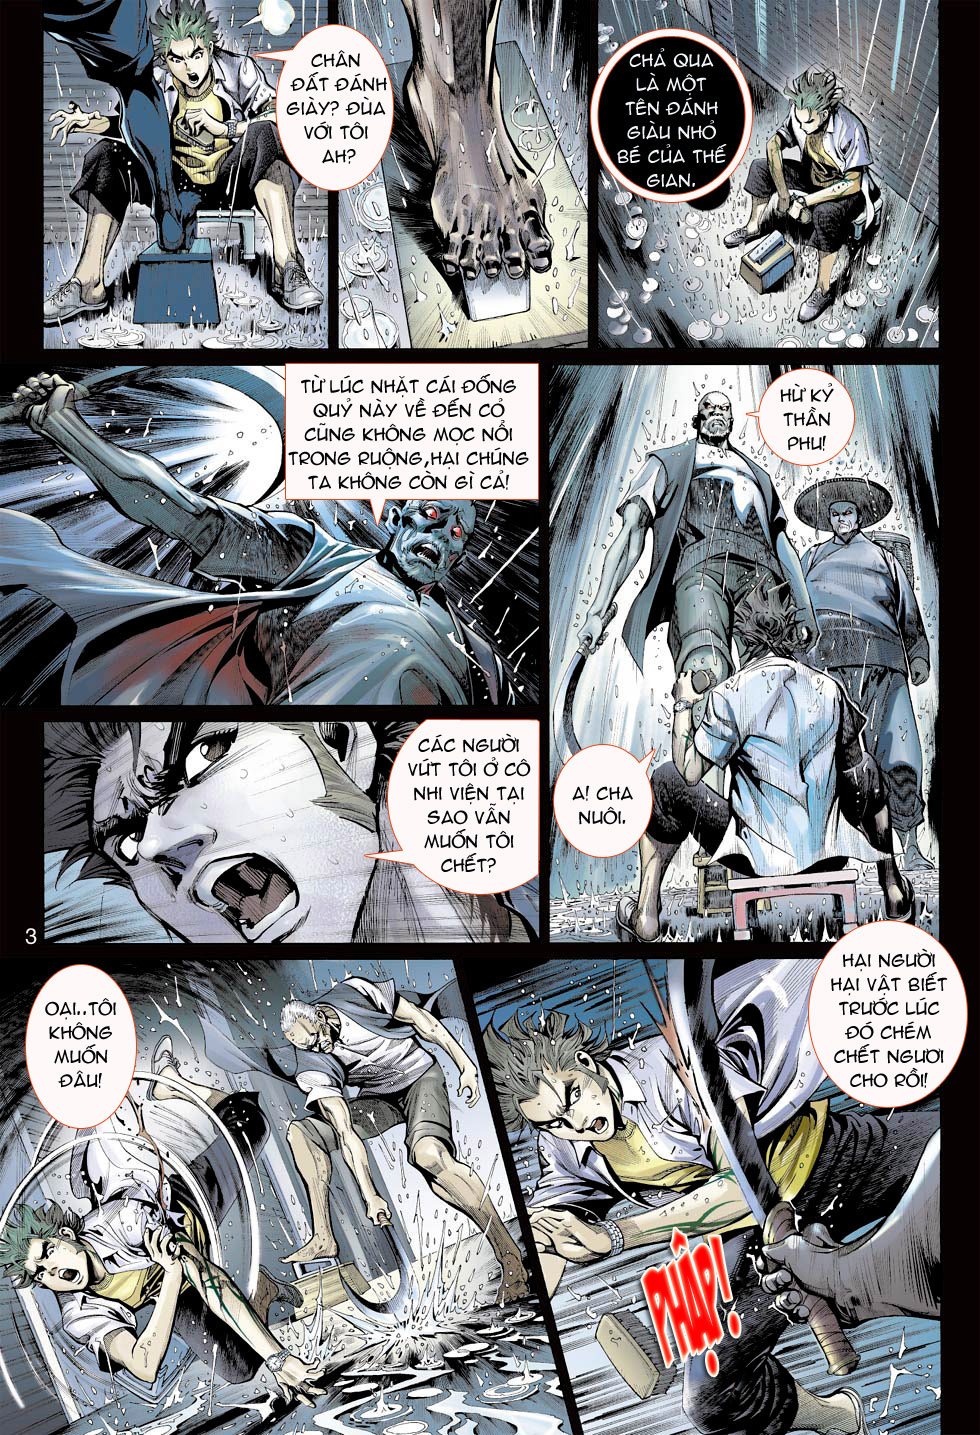 Thần Binh 4 chap 23 - Trang 3